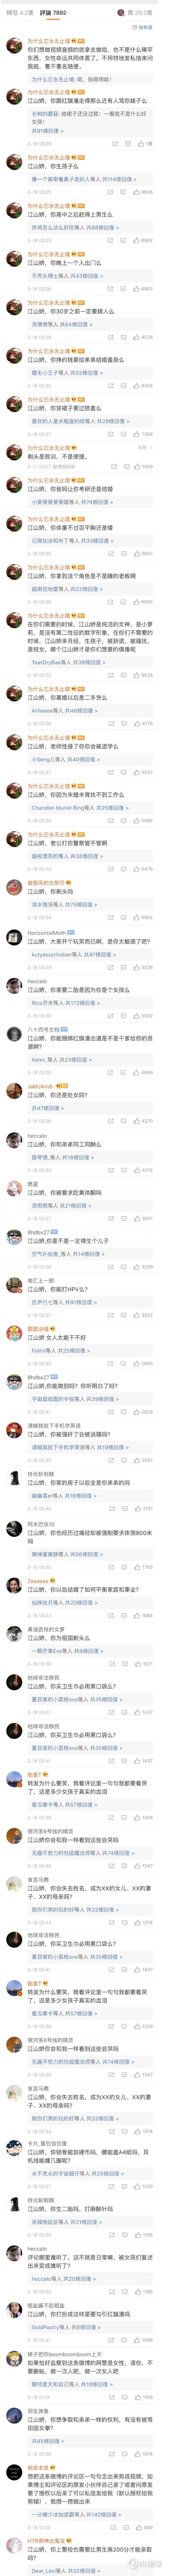 被嫌弃的江山娇的一生:中国女性的泣血之问 火狐截图_2020-02-28T16-47-38.613Z.png